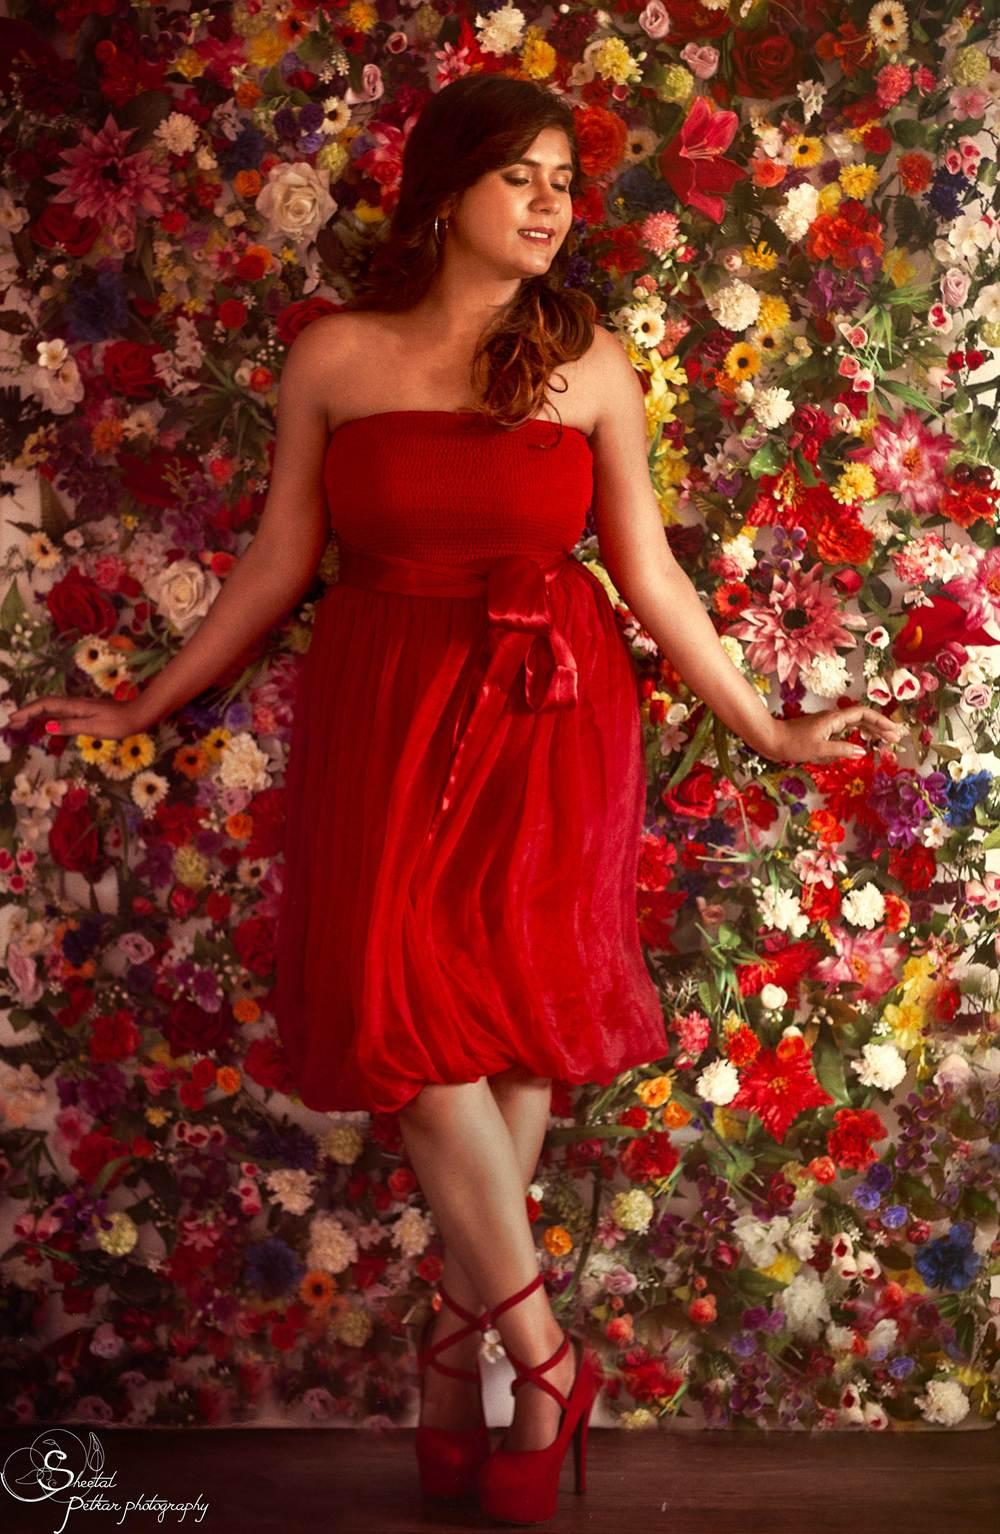 flower_wall_portrait.jpg